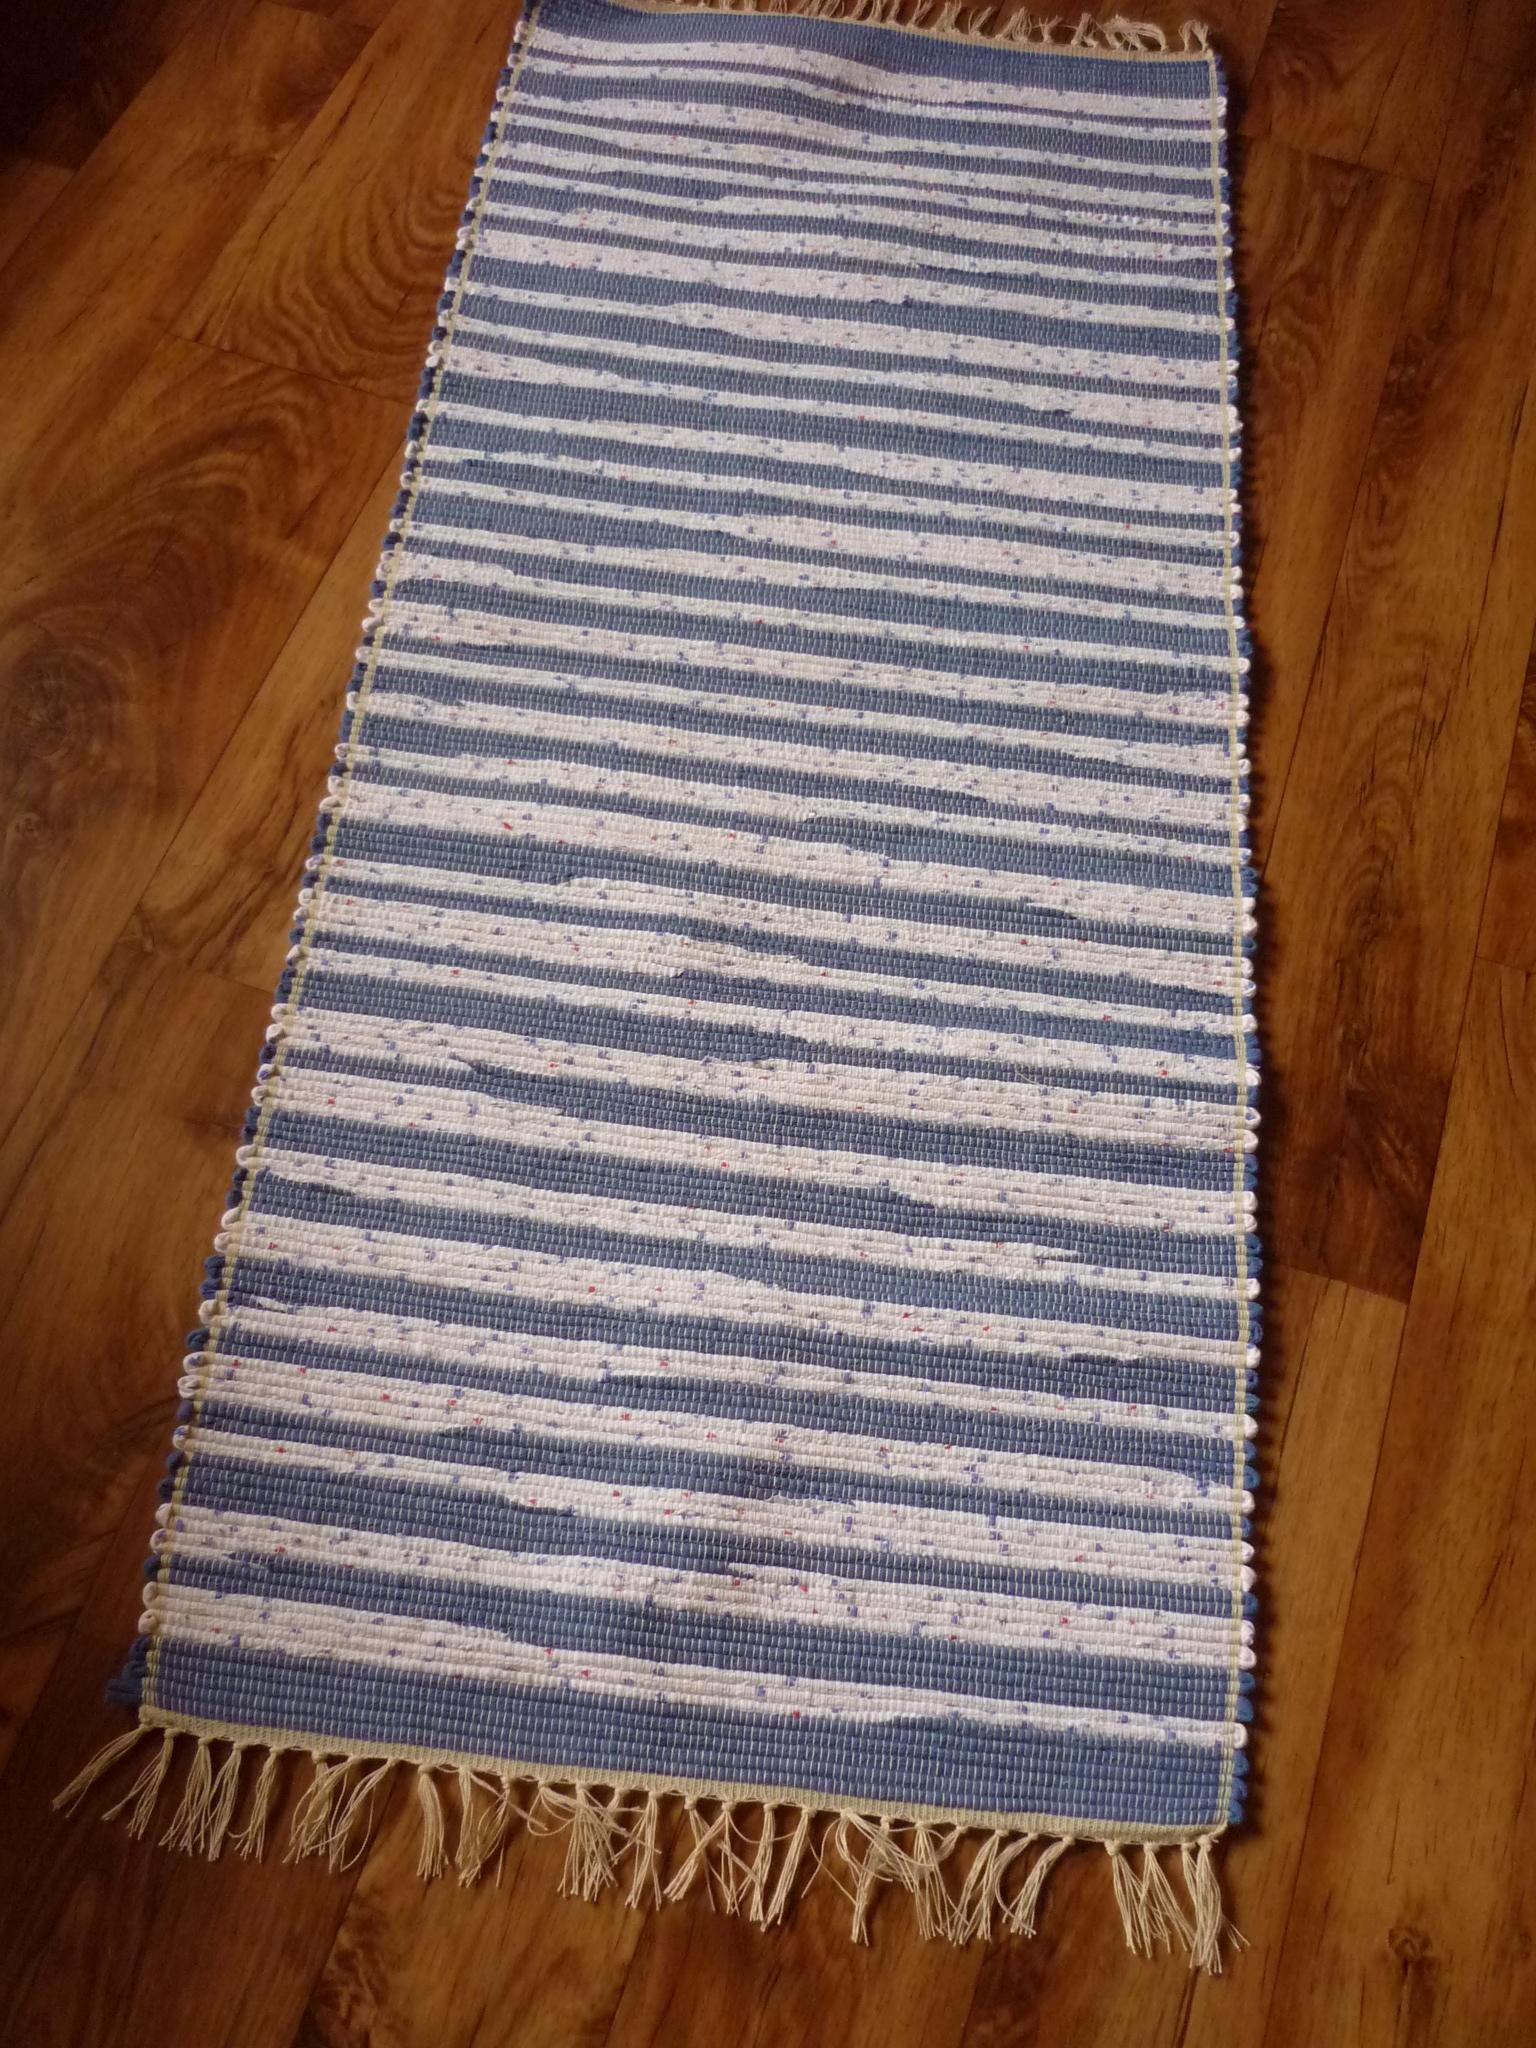 Ručně tkaný koberec 50 x 120 cm - Tkané koberce Halenkov e341b63ed2